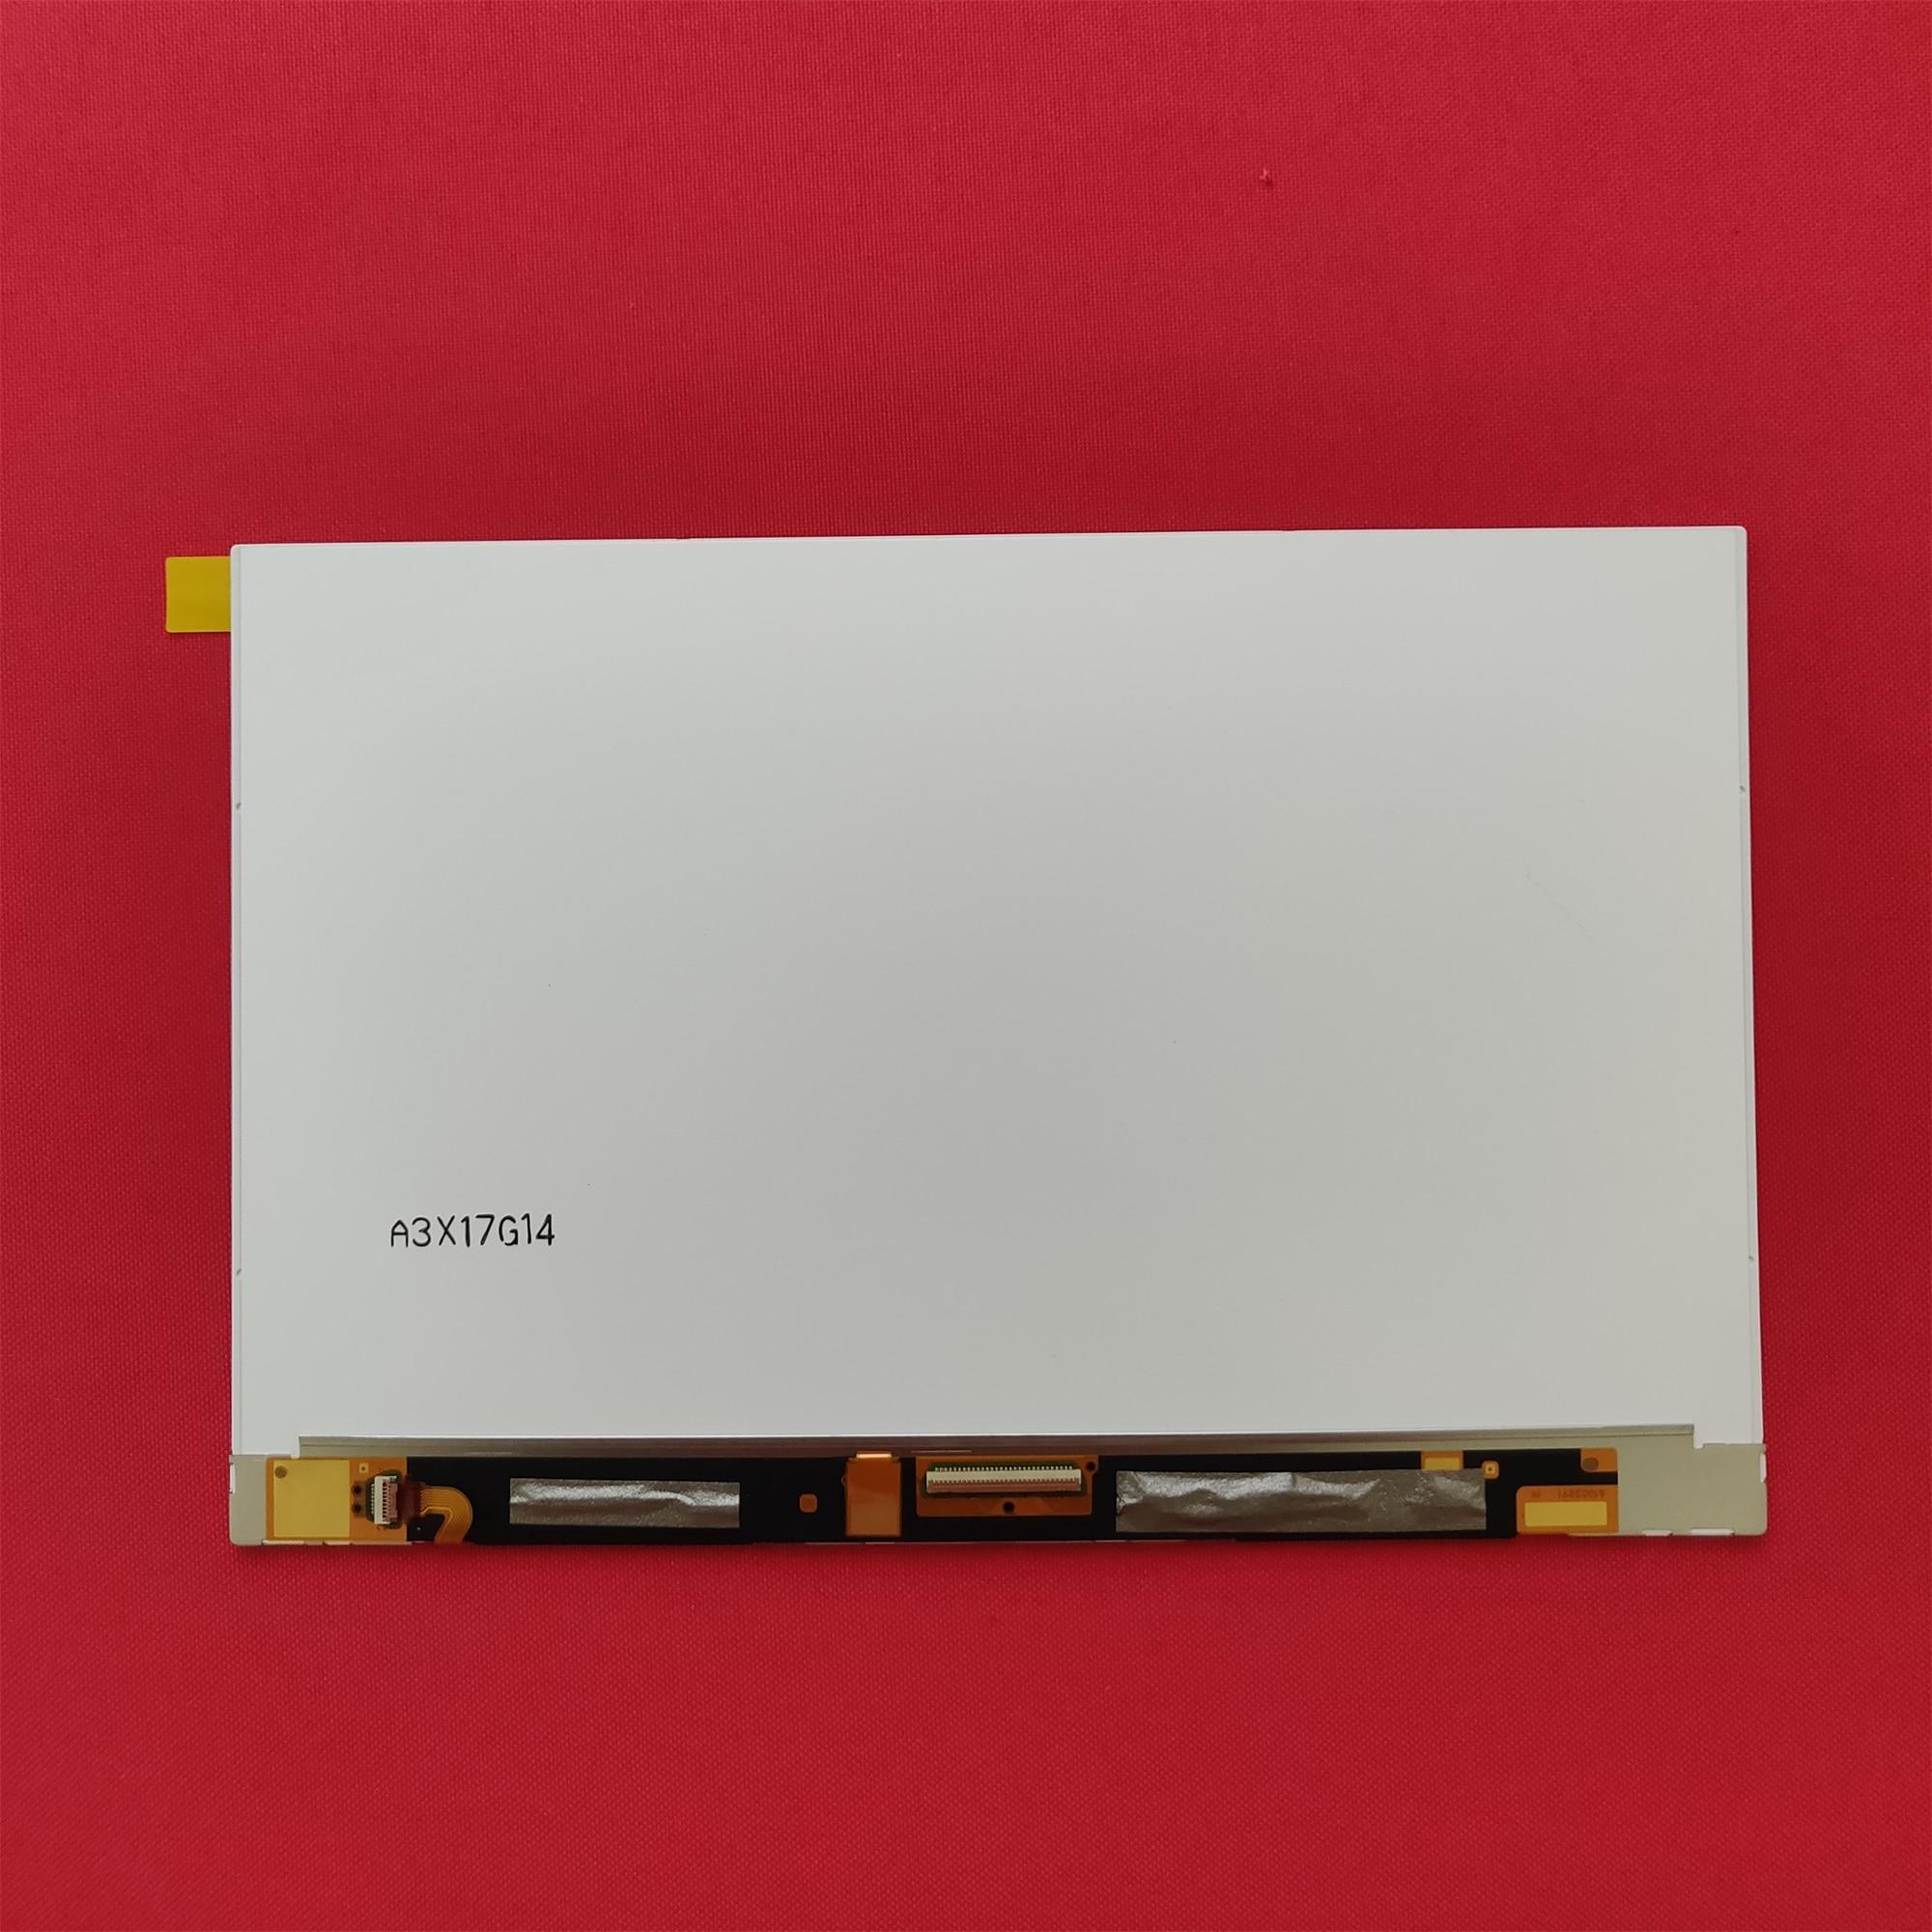 8.9 pouces 2560*1600 2k 1440p IPS lcd moniteur d'affichage avec HDMI-MIPI carte pilote 50hz pour bricolage DLP 3d imprimante Raspberry PI 3 PI 4b - 6